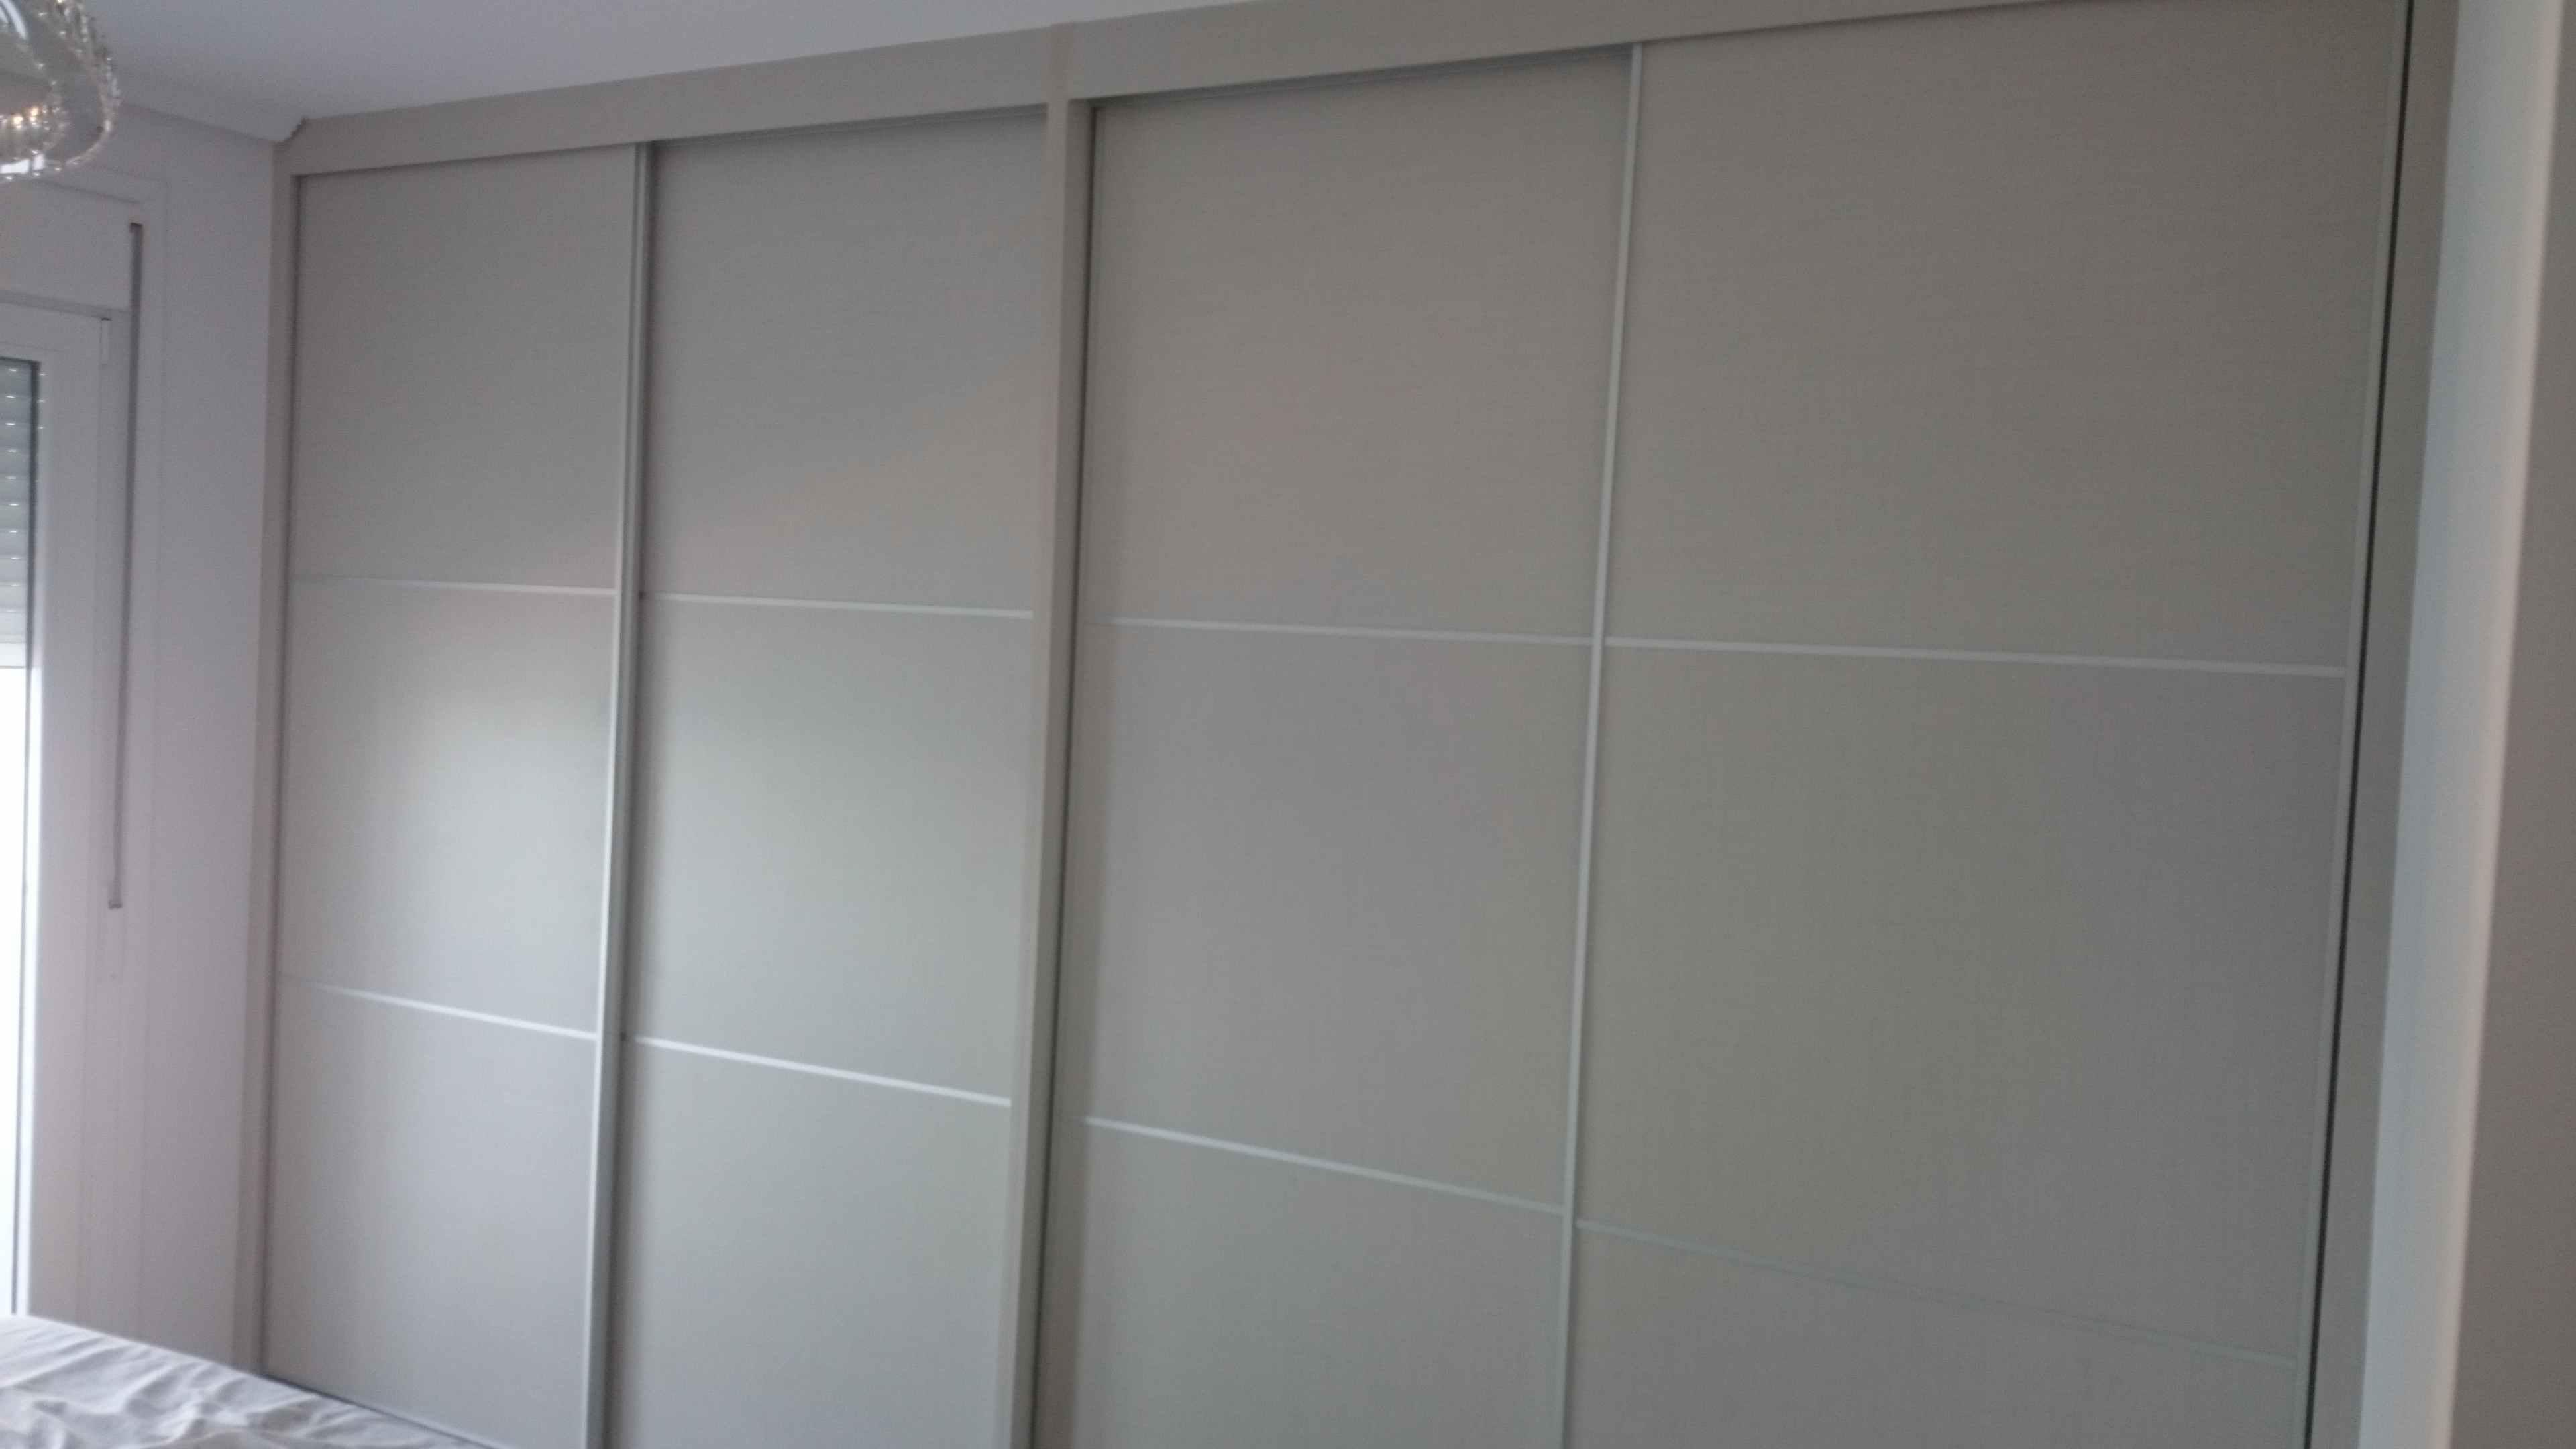 Carpinter a familia murcia armario de cuatro puertas for Puertas japonesas